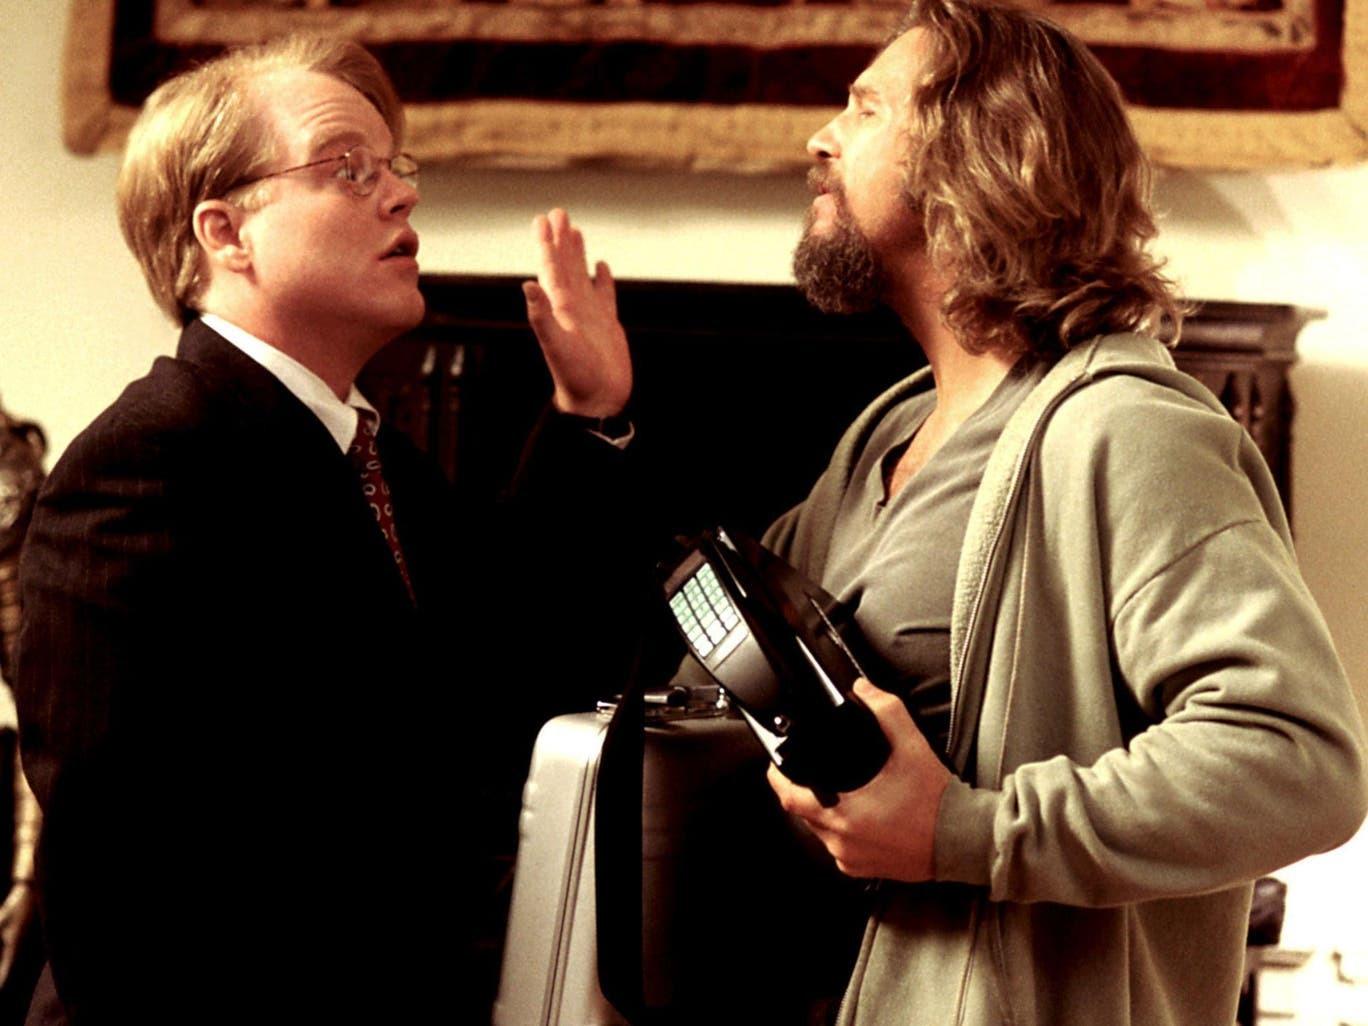 از «مخمصه» دنیرو تا «درخشش»؛ فیلمهای محبوبی که نامزد اسکار نشدند